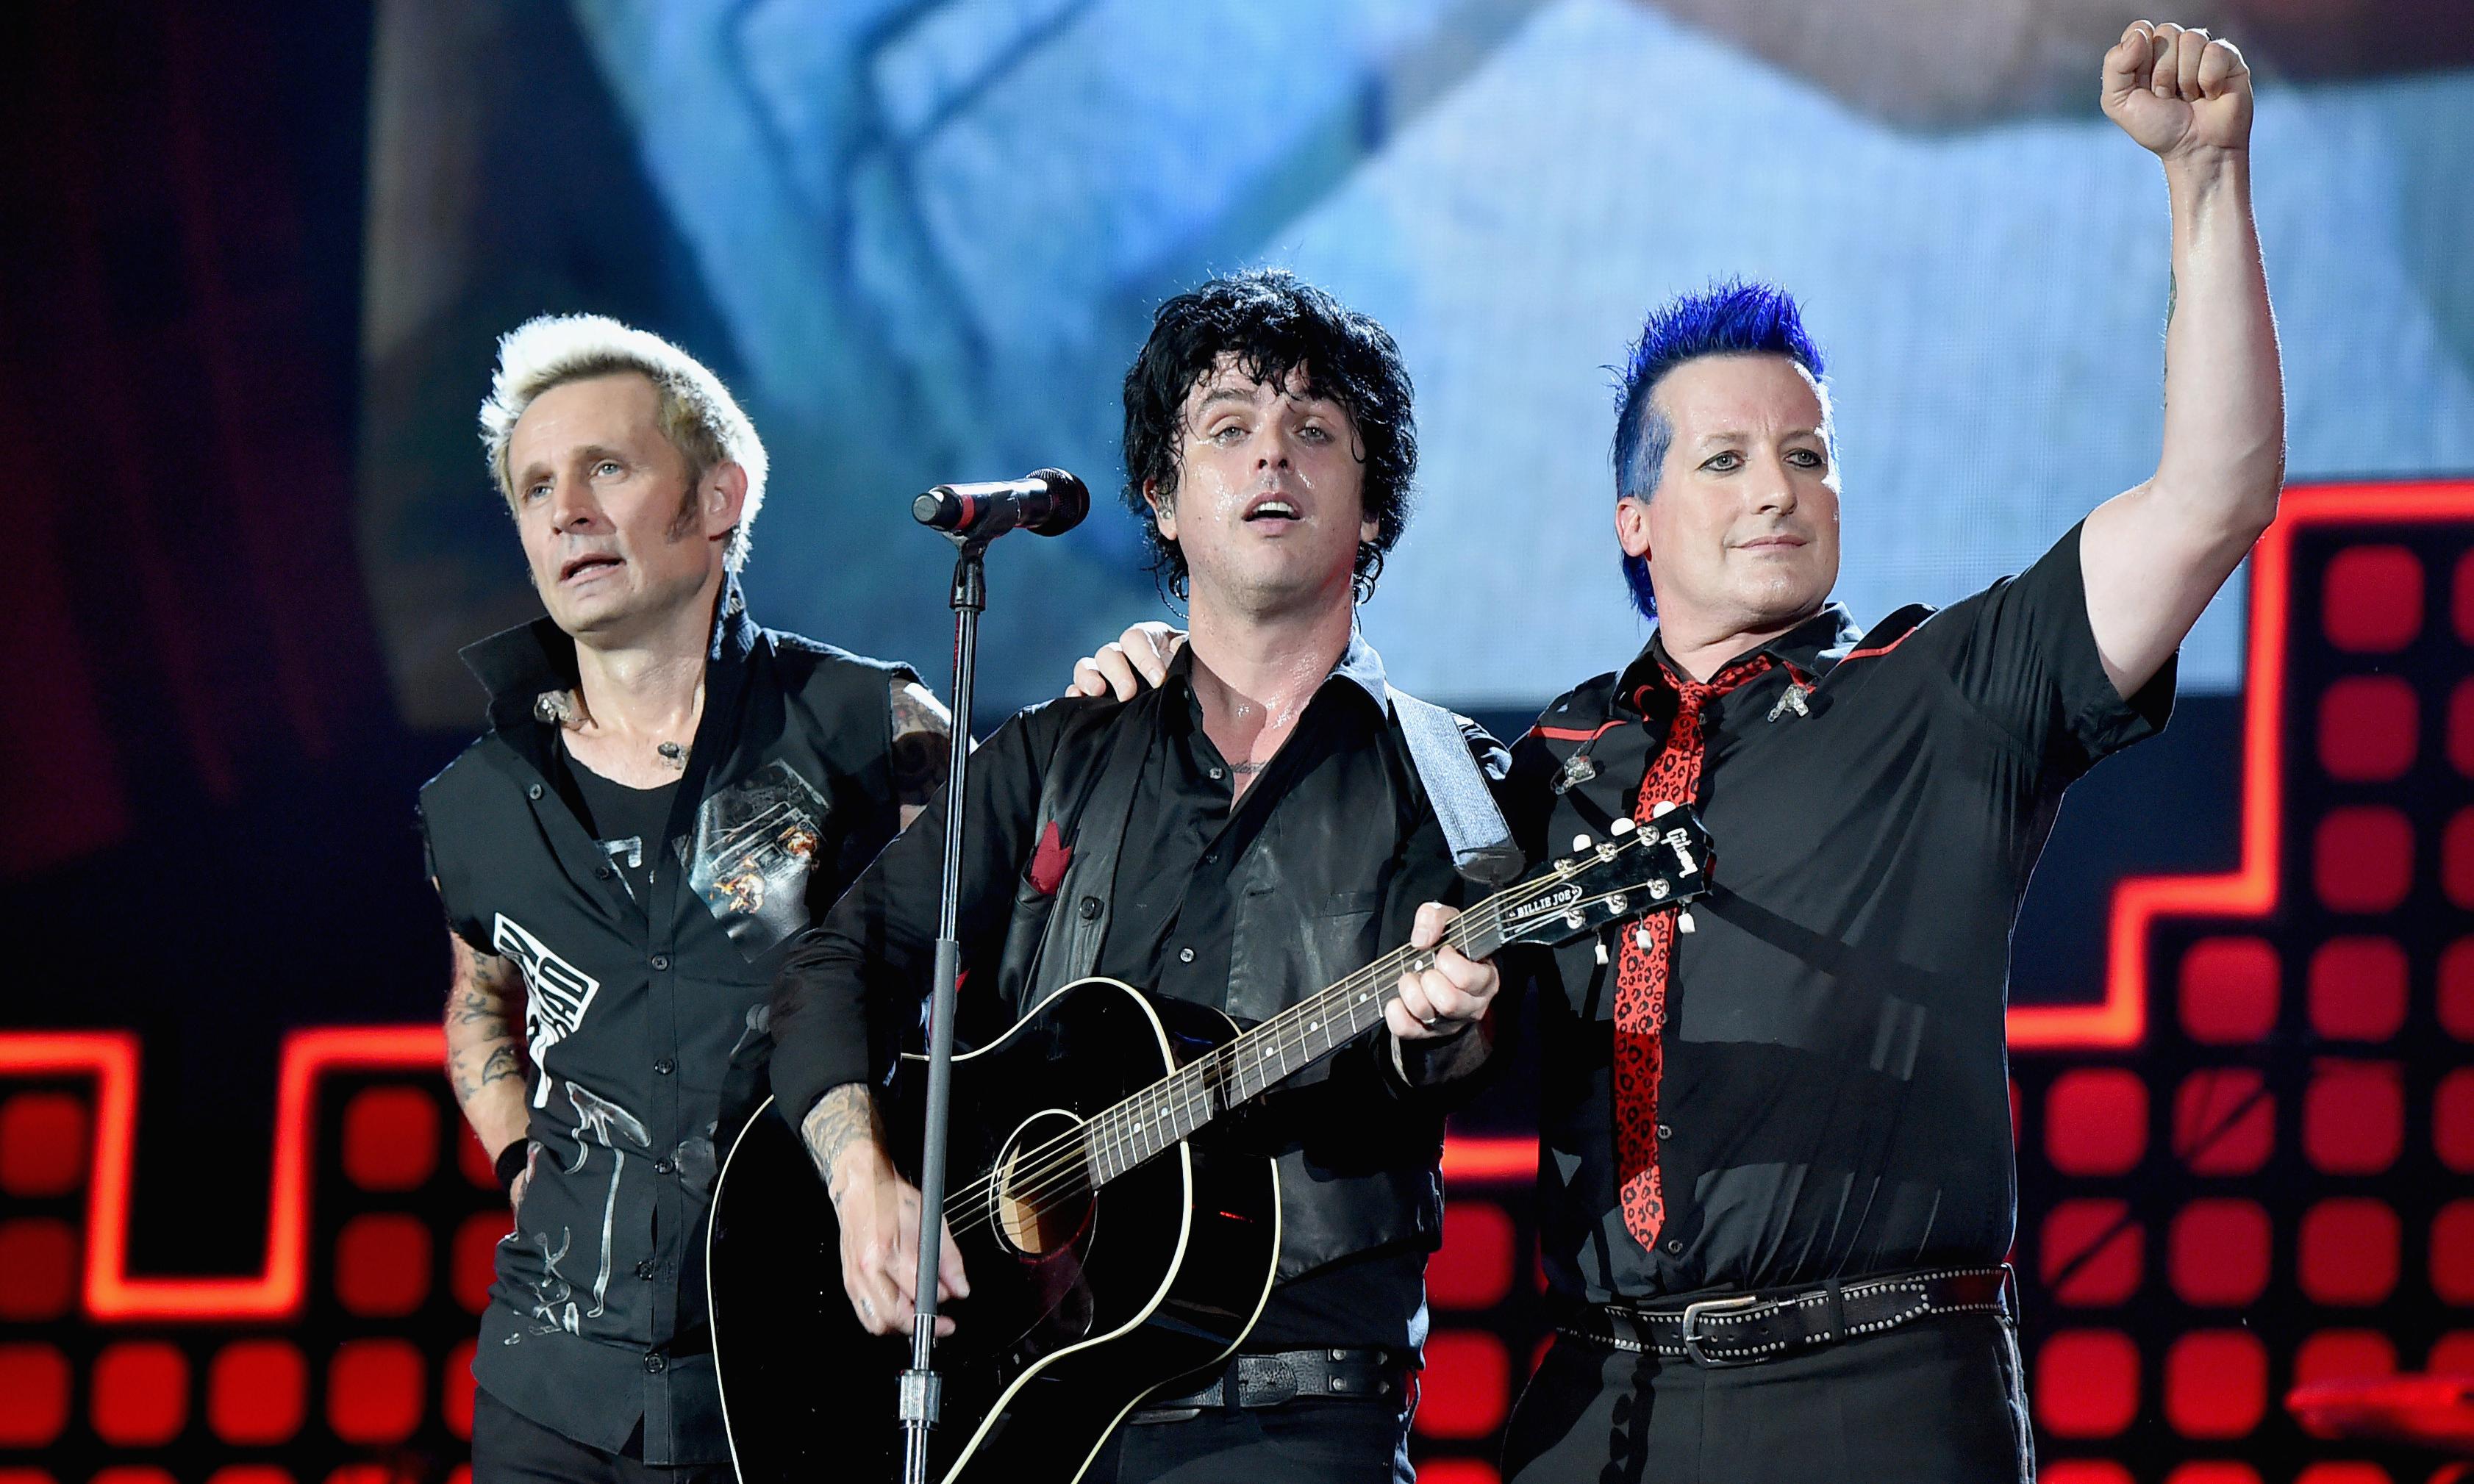 Green Day publicó canción nueva, anunció disco y saldrá de gira en 2020 - Radio Cantilo